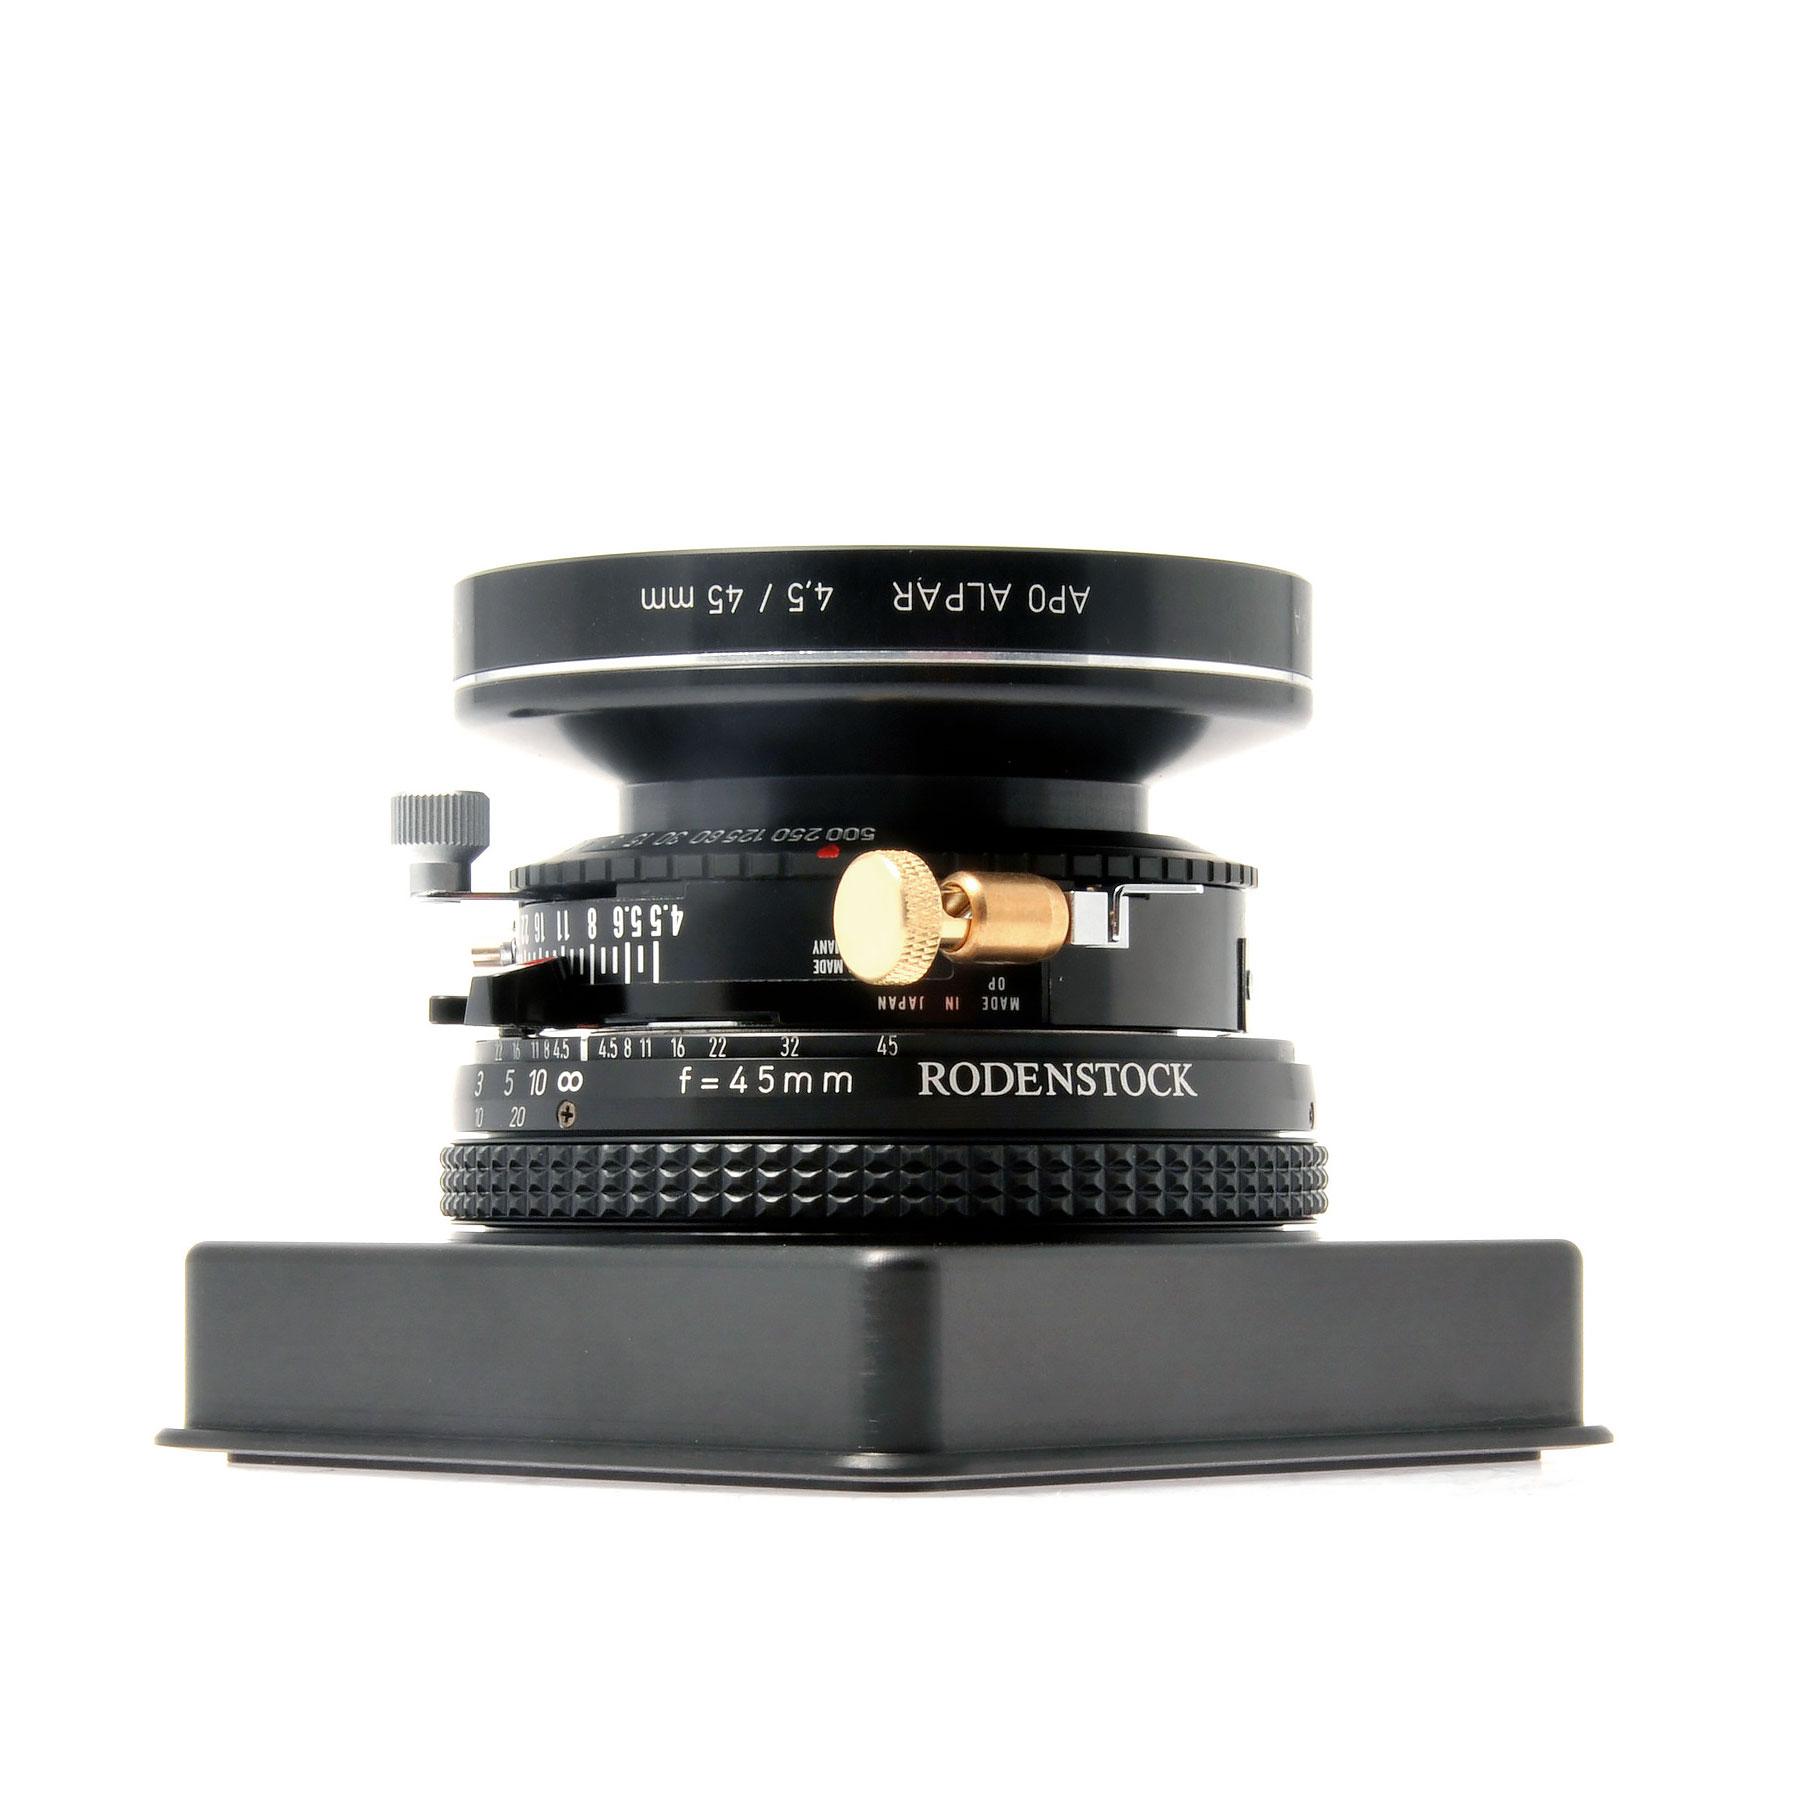 ALPA Apo-Alpar 4.5/45 mm